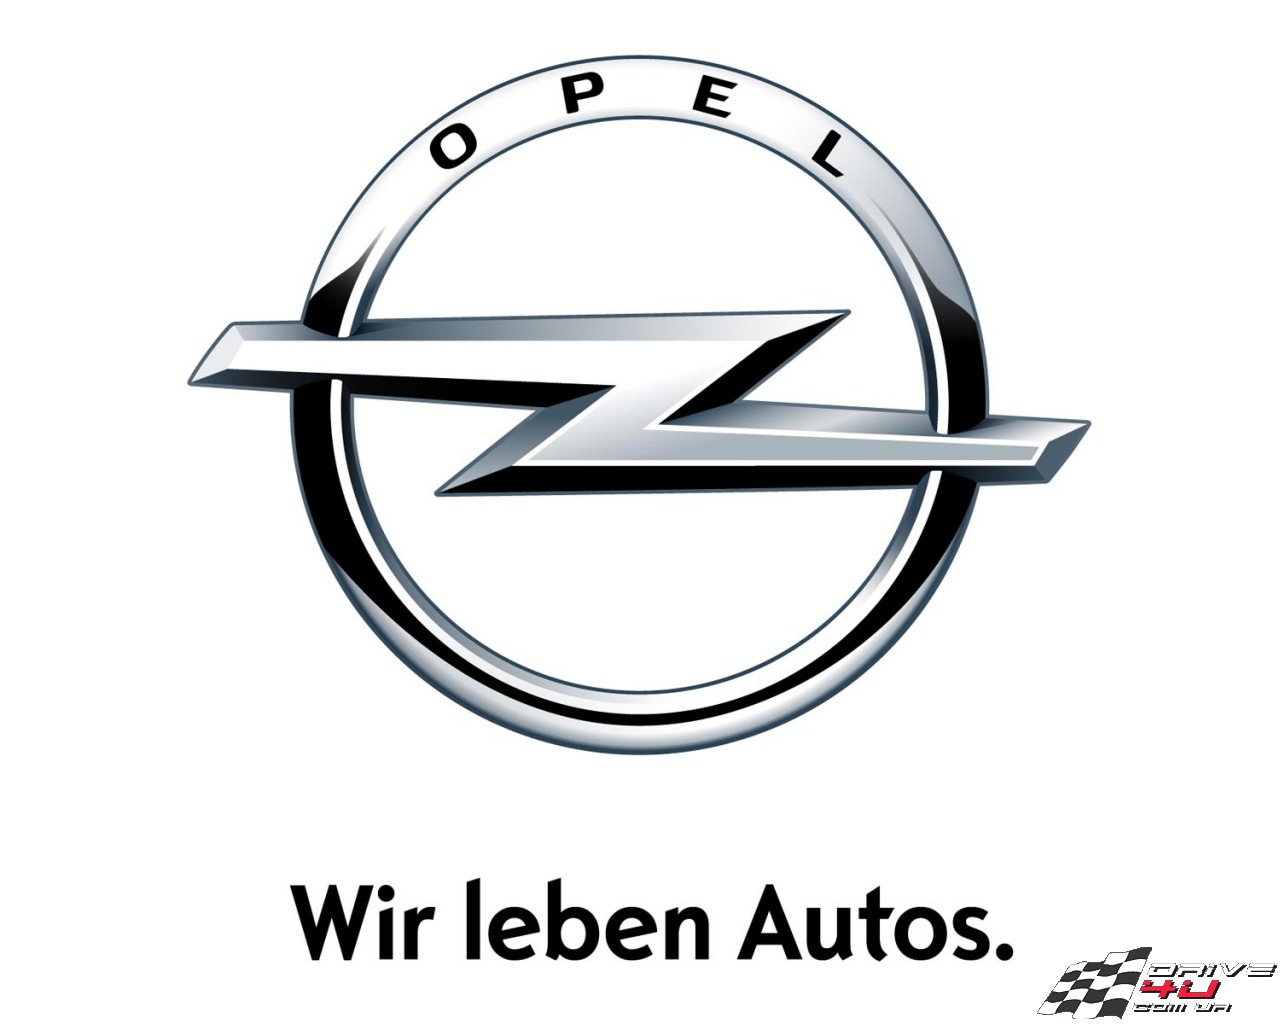 medium resolution of opel logo